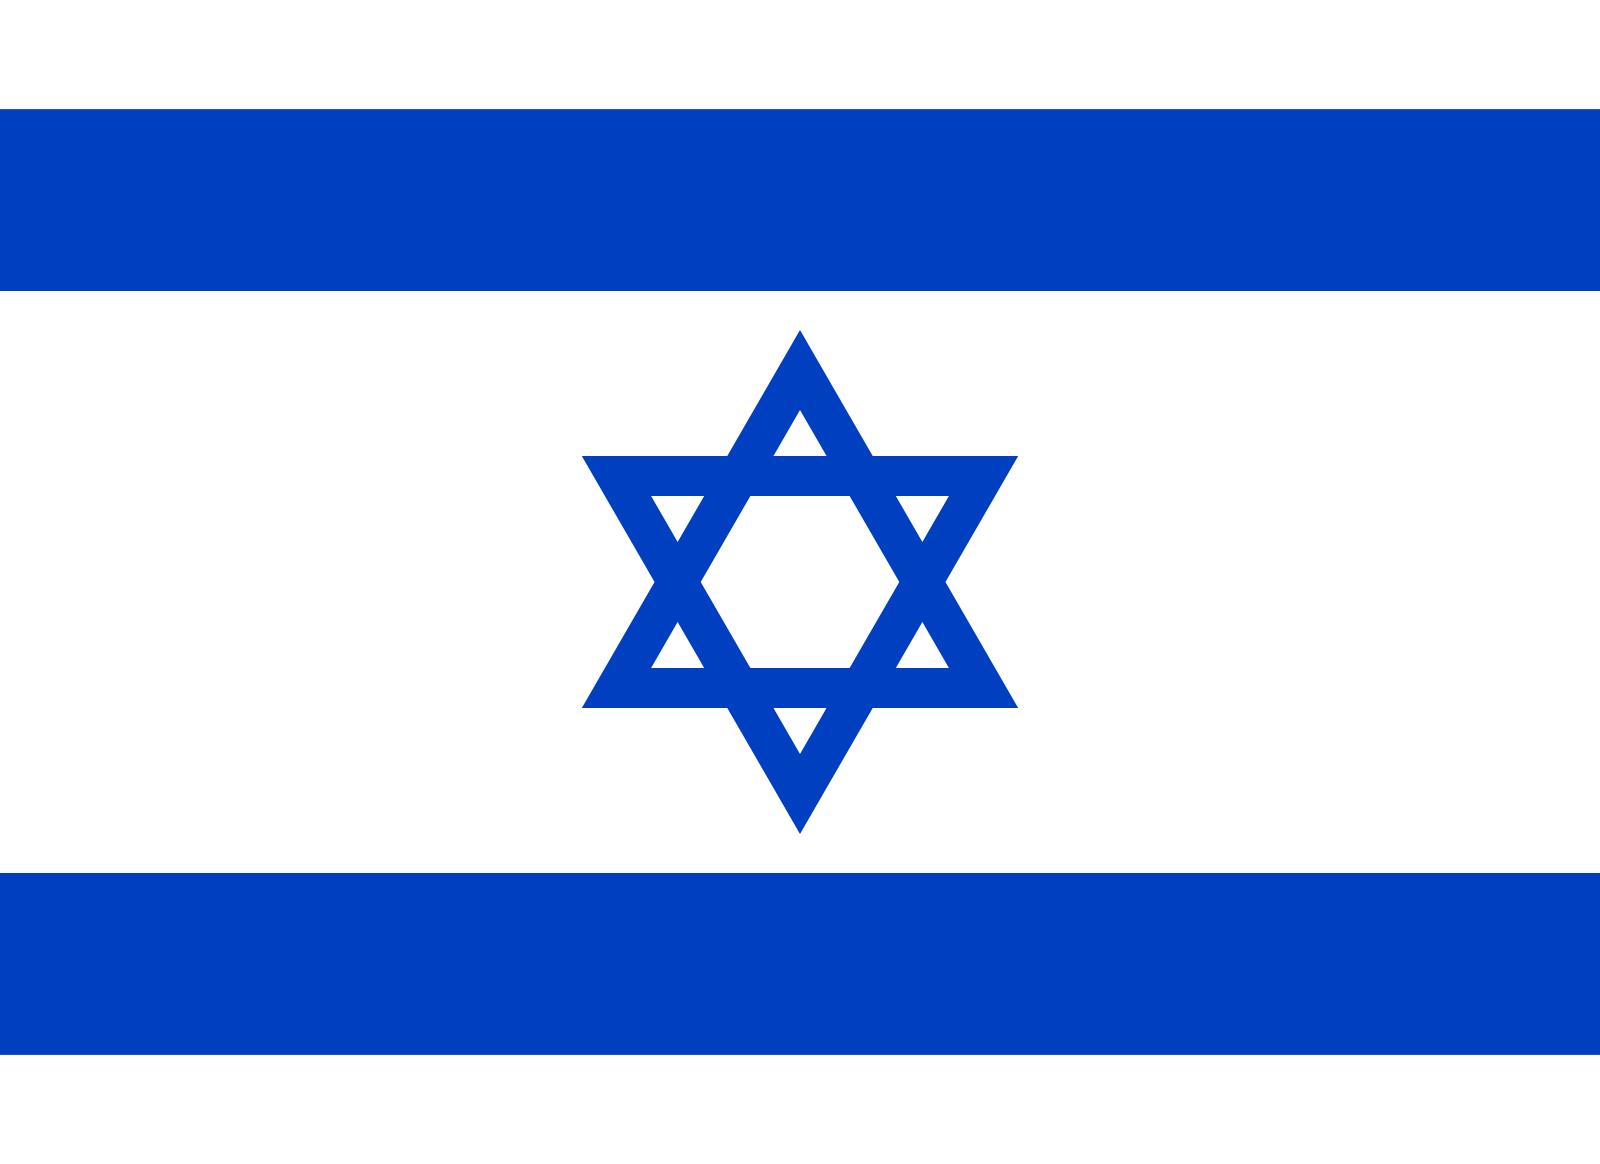 Israel Flag Png image #38248